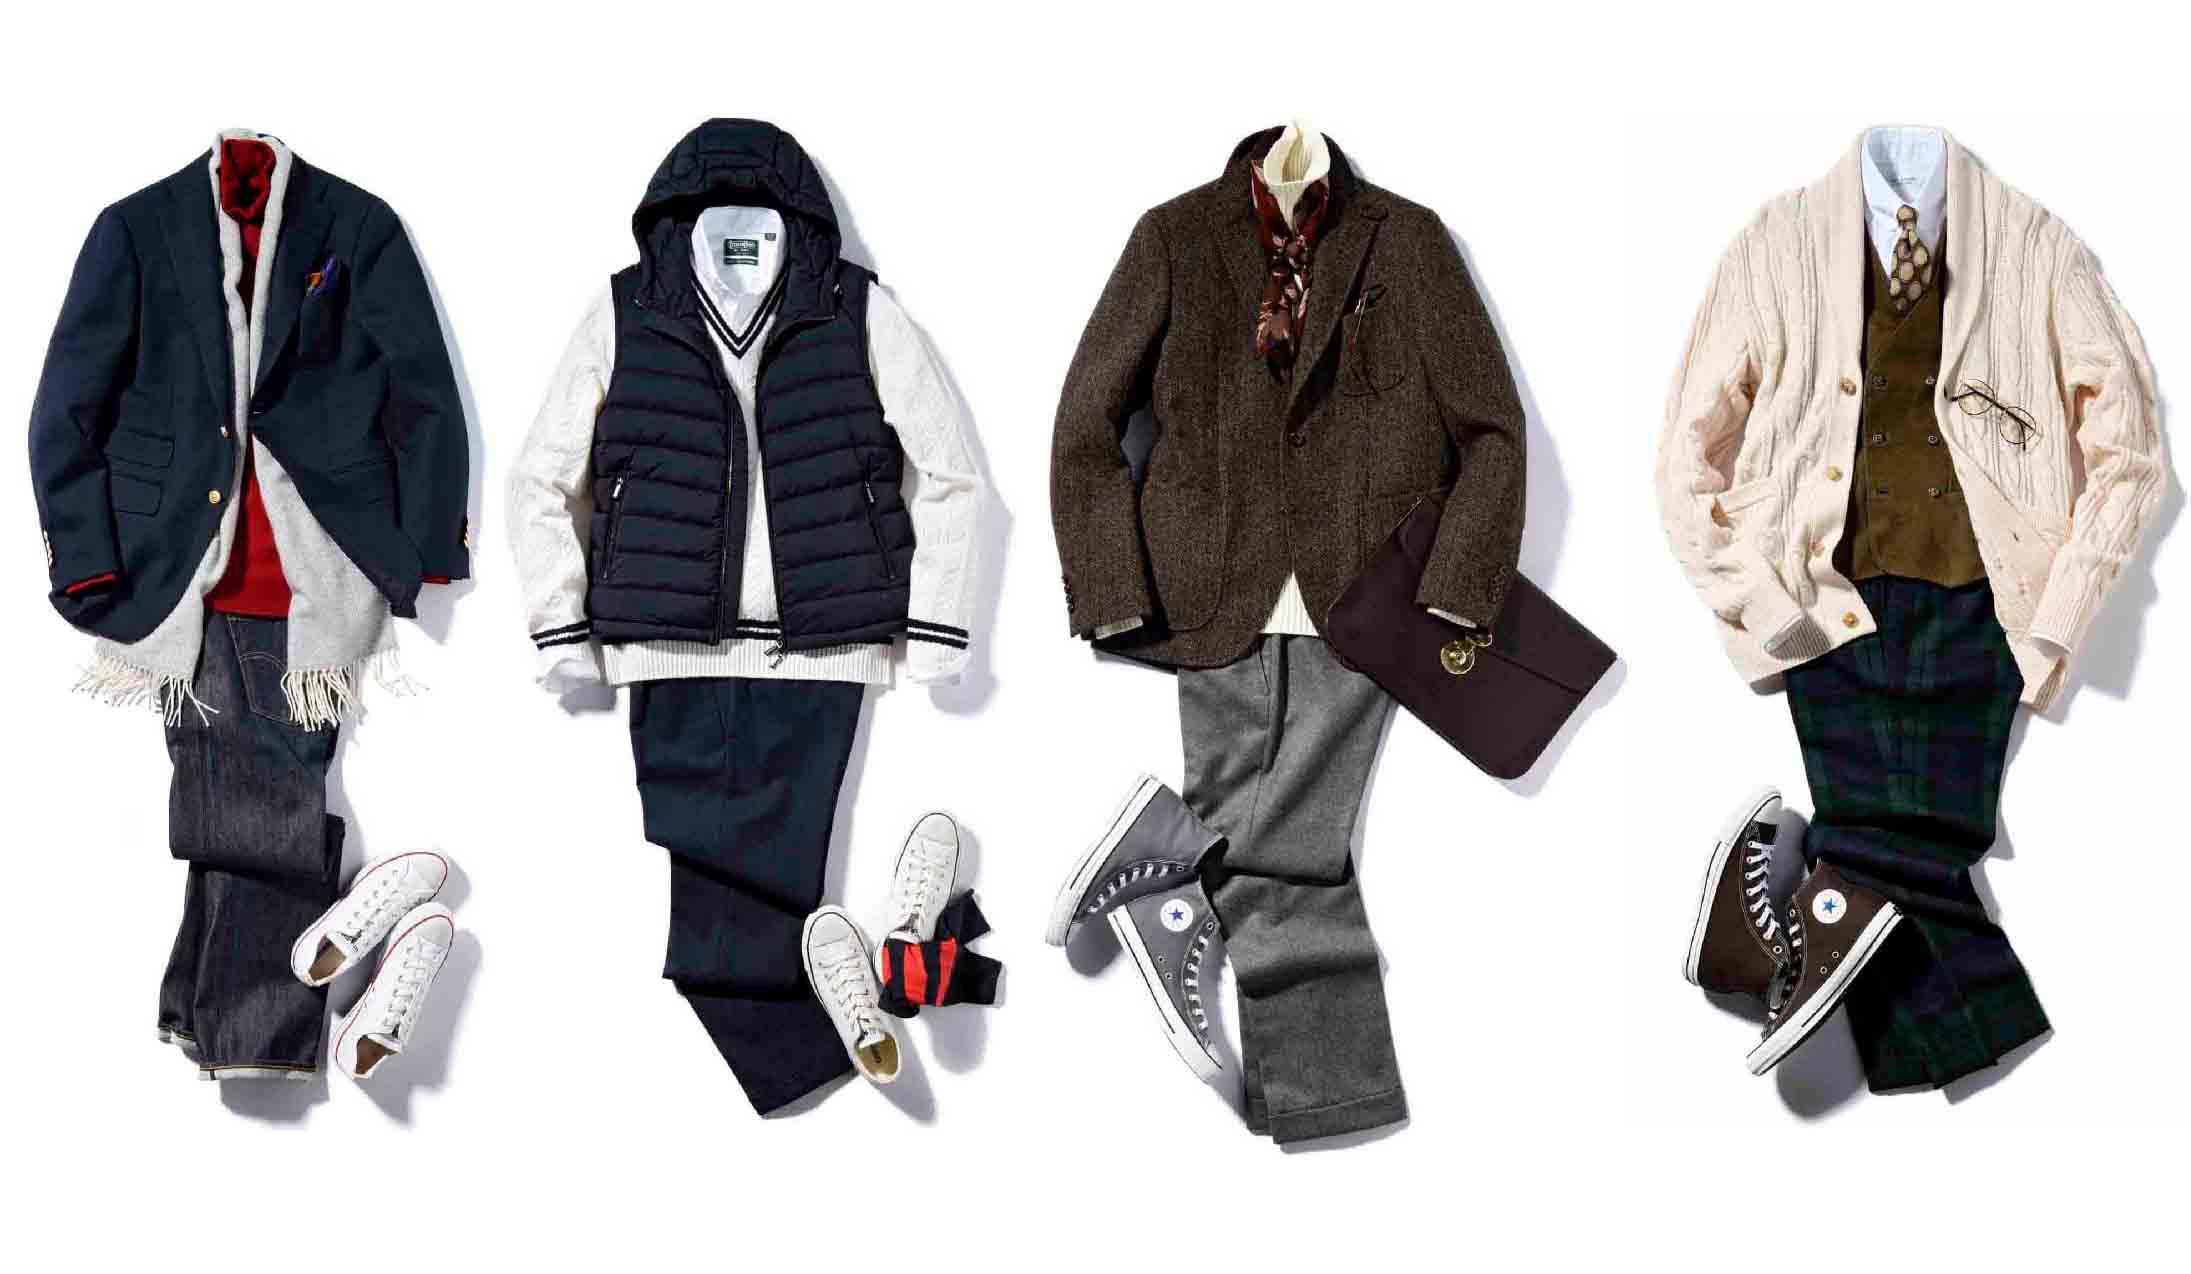 真似したい!40代男性を格好良くみせる冬のファッションまとめ